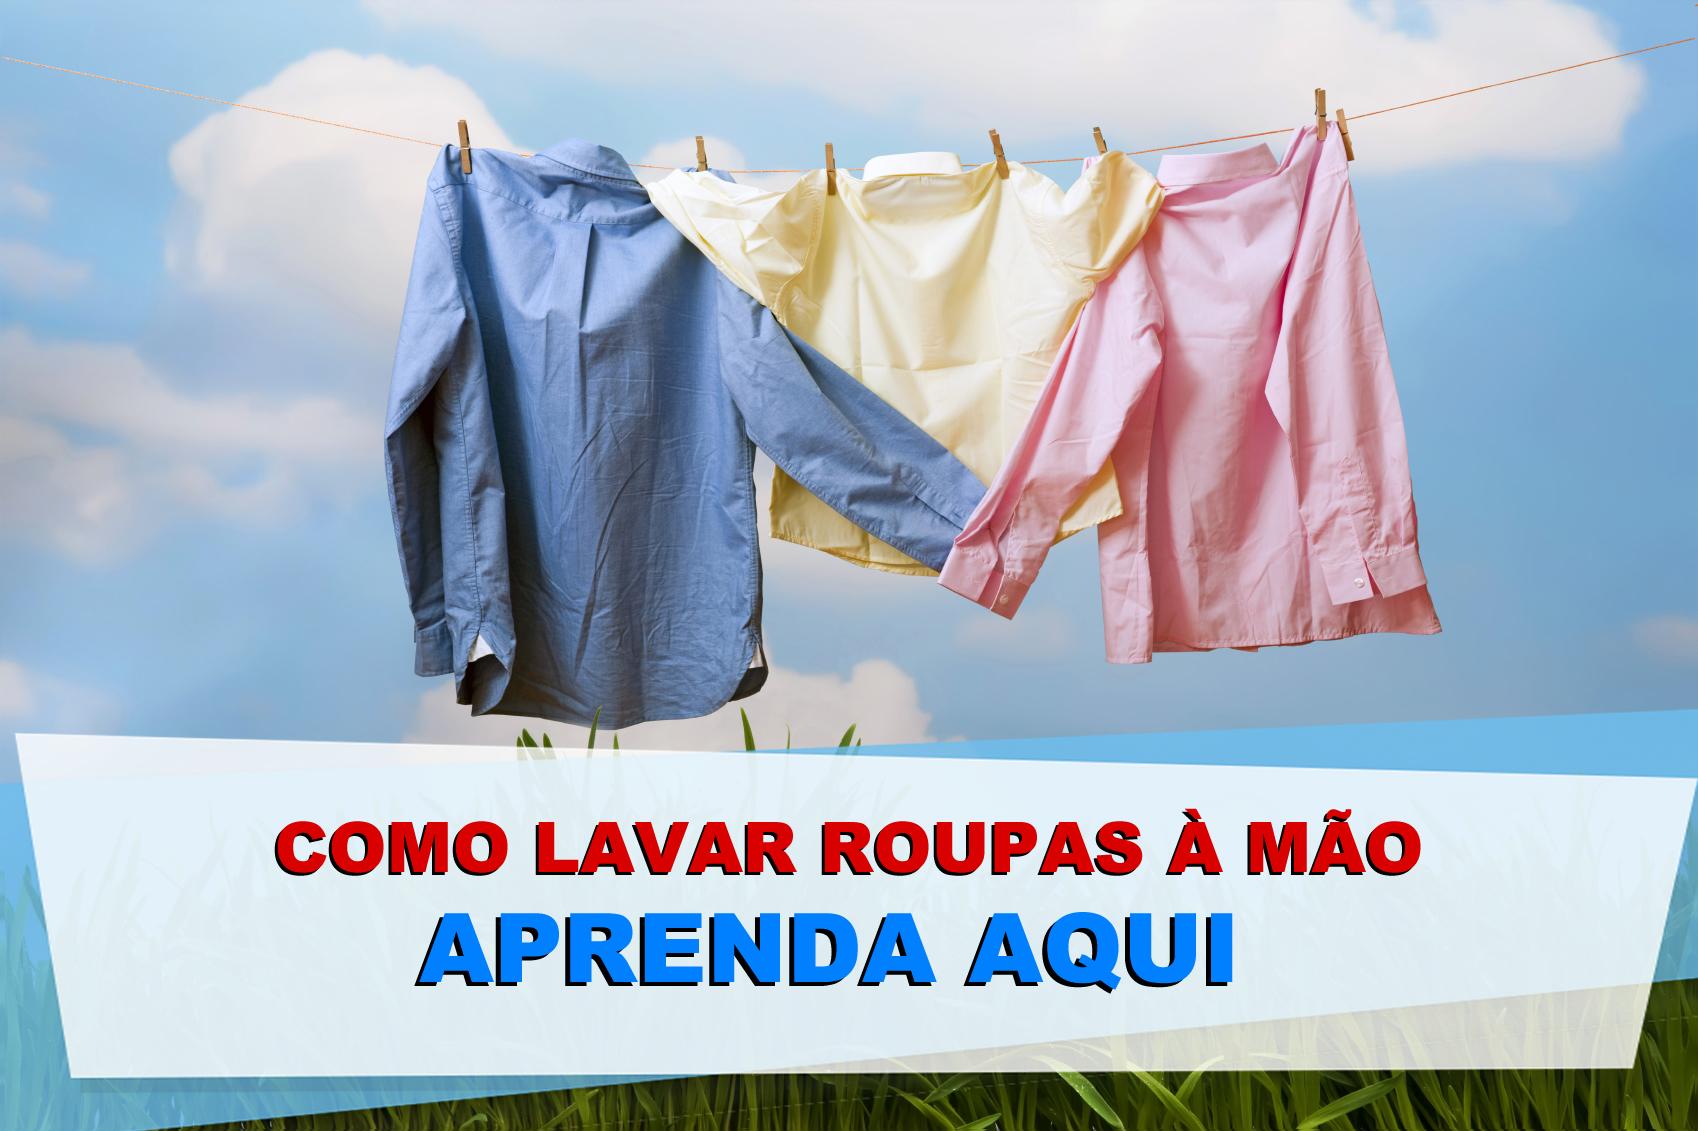 Como lavar roupa à mão - Aprenda aqui!